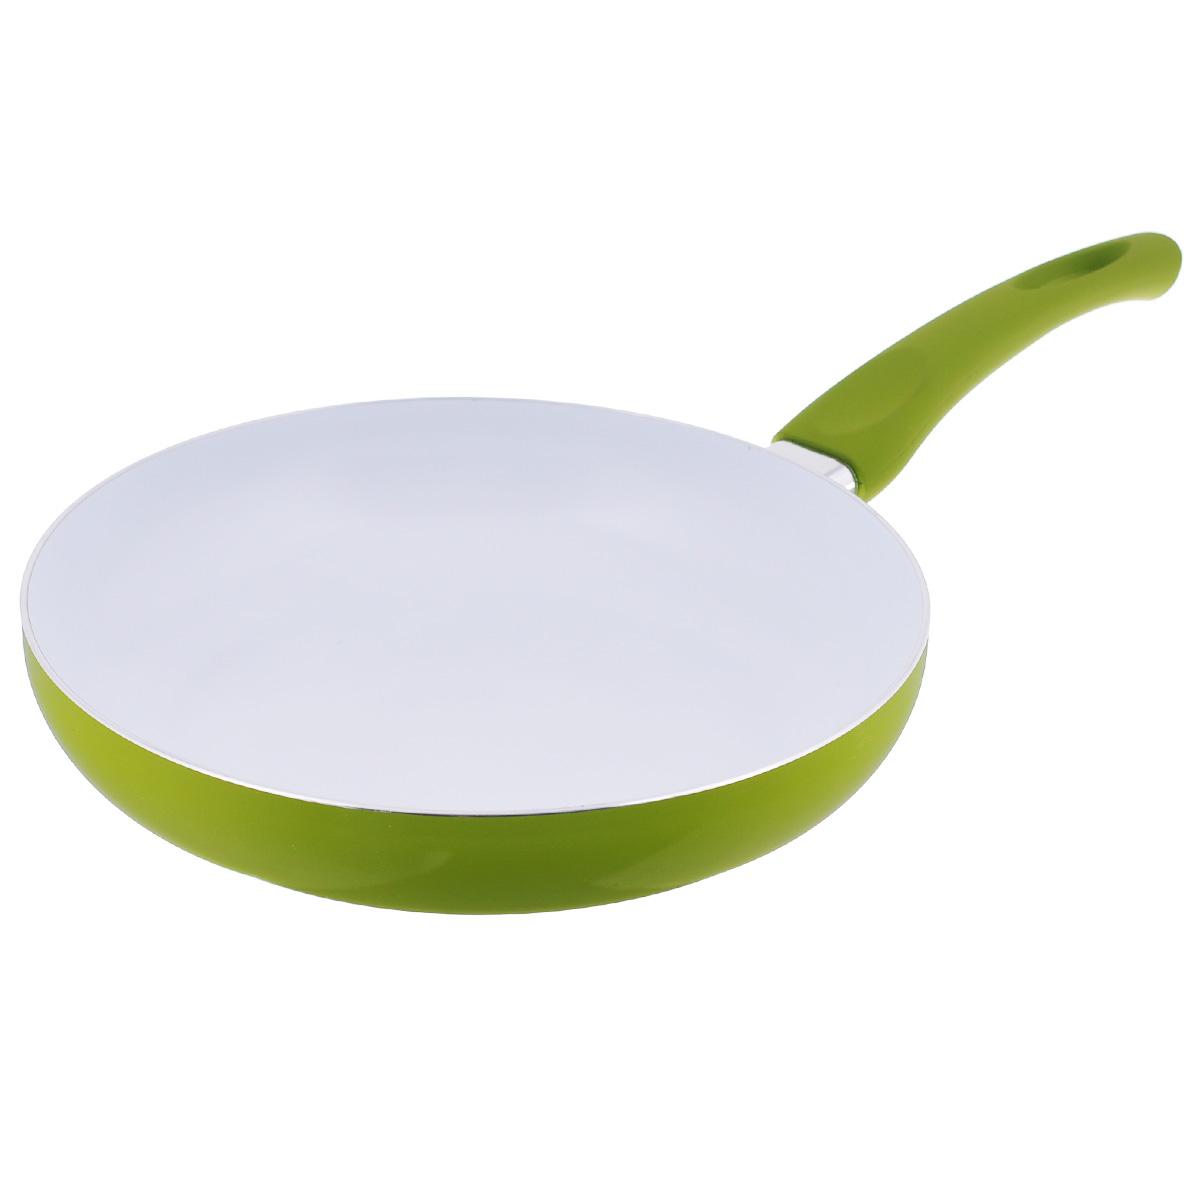 Сковорода Mayer & Boch, с керамическим покрытием, цвет: салатовый. Диаметр 26 см. 2076520765Сковорода Mayer & Boch изготовлена из литого алюминия с керамическим покрытием. Сковорода предназначена для здорового и экологичного приготовления пищи. Пища не пригорает и не прилипает к стенкам. Абсолютно гладкая поверхность легко моется. Посуда экологически чистая, не содержит примеси ПФОК. Рукоятка специального дизайна, выполненная из пластика с силиконовым покрытием, удобна и комфортна в эксплуатации. Внешнее цветное покрытие устойчиво к воздействию высоких температур. Можно использовать на газовых, галогенных, электрических плитах. Не подходит для индукционных плит. Можно мыть в посудомоечной машине. Высота стенки: 5,2 см.Толщина стенки: 2,5 мм.Толщина дна: 3,5 мм. Длина ручки: 19 см.